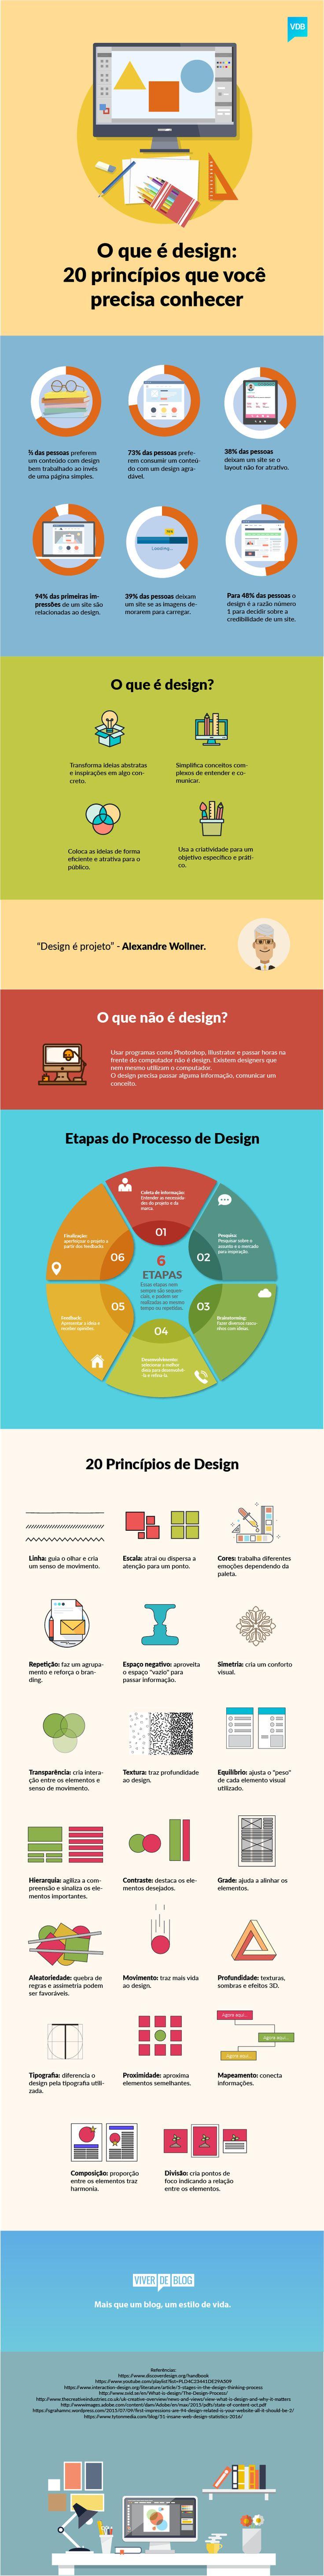 Você sabe, realmente, o que é design? Conheça os 20 princípios básicos, as etapas do processo e até o que não é design nesse infográfico.